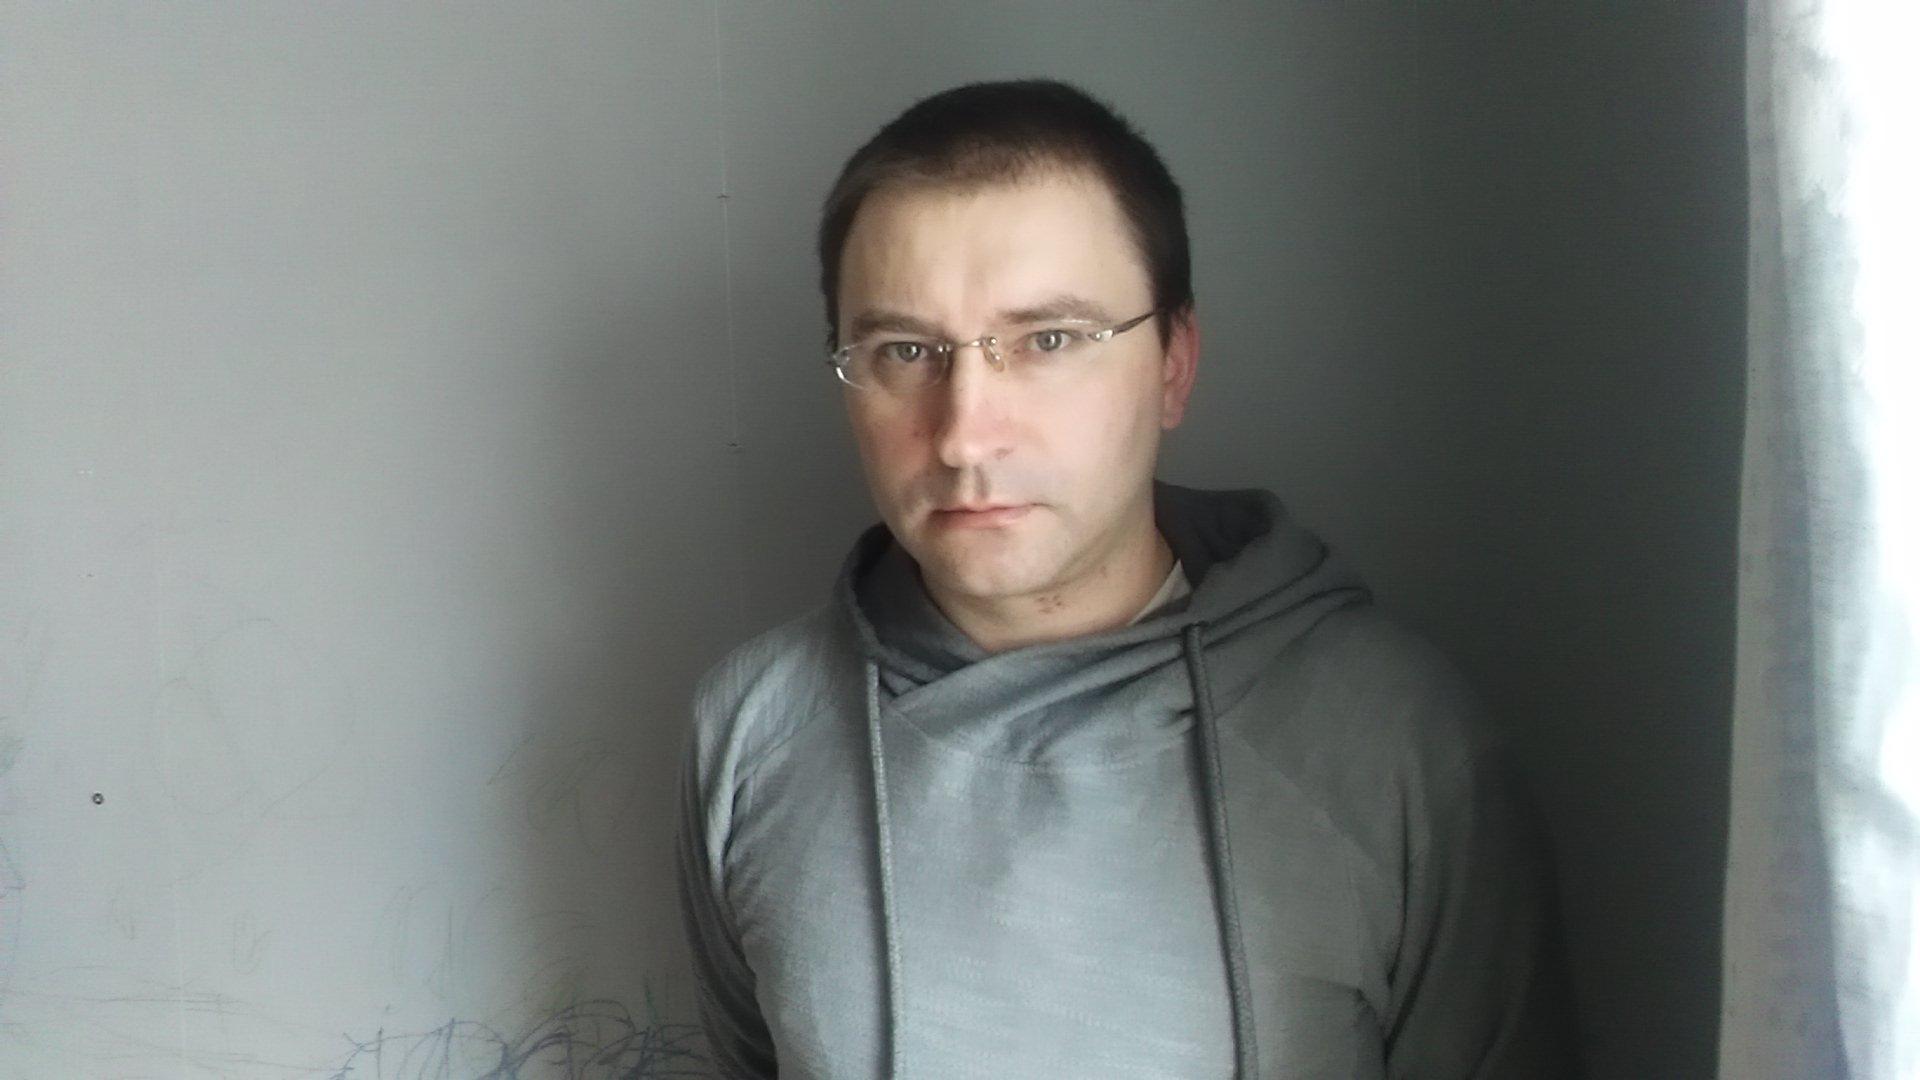 Jolitos Kimsaitės nuotrauka